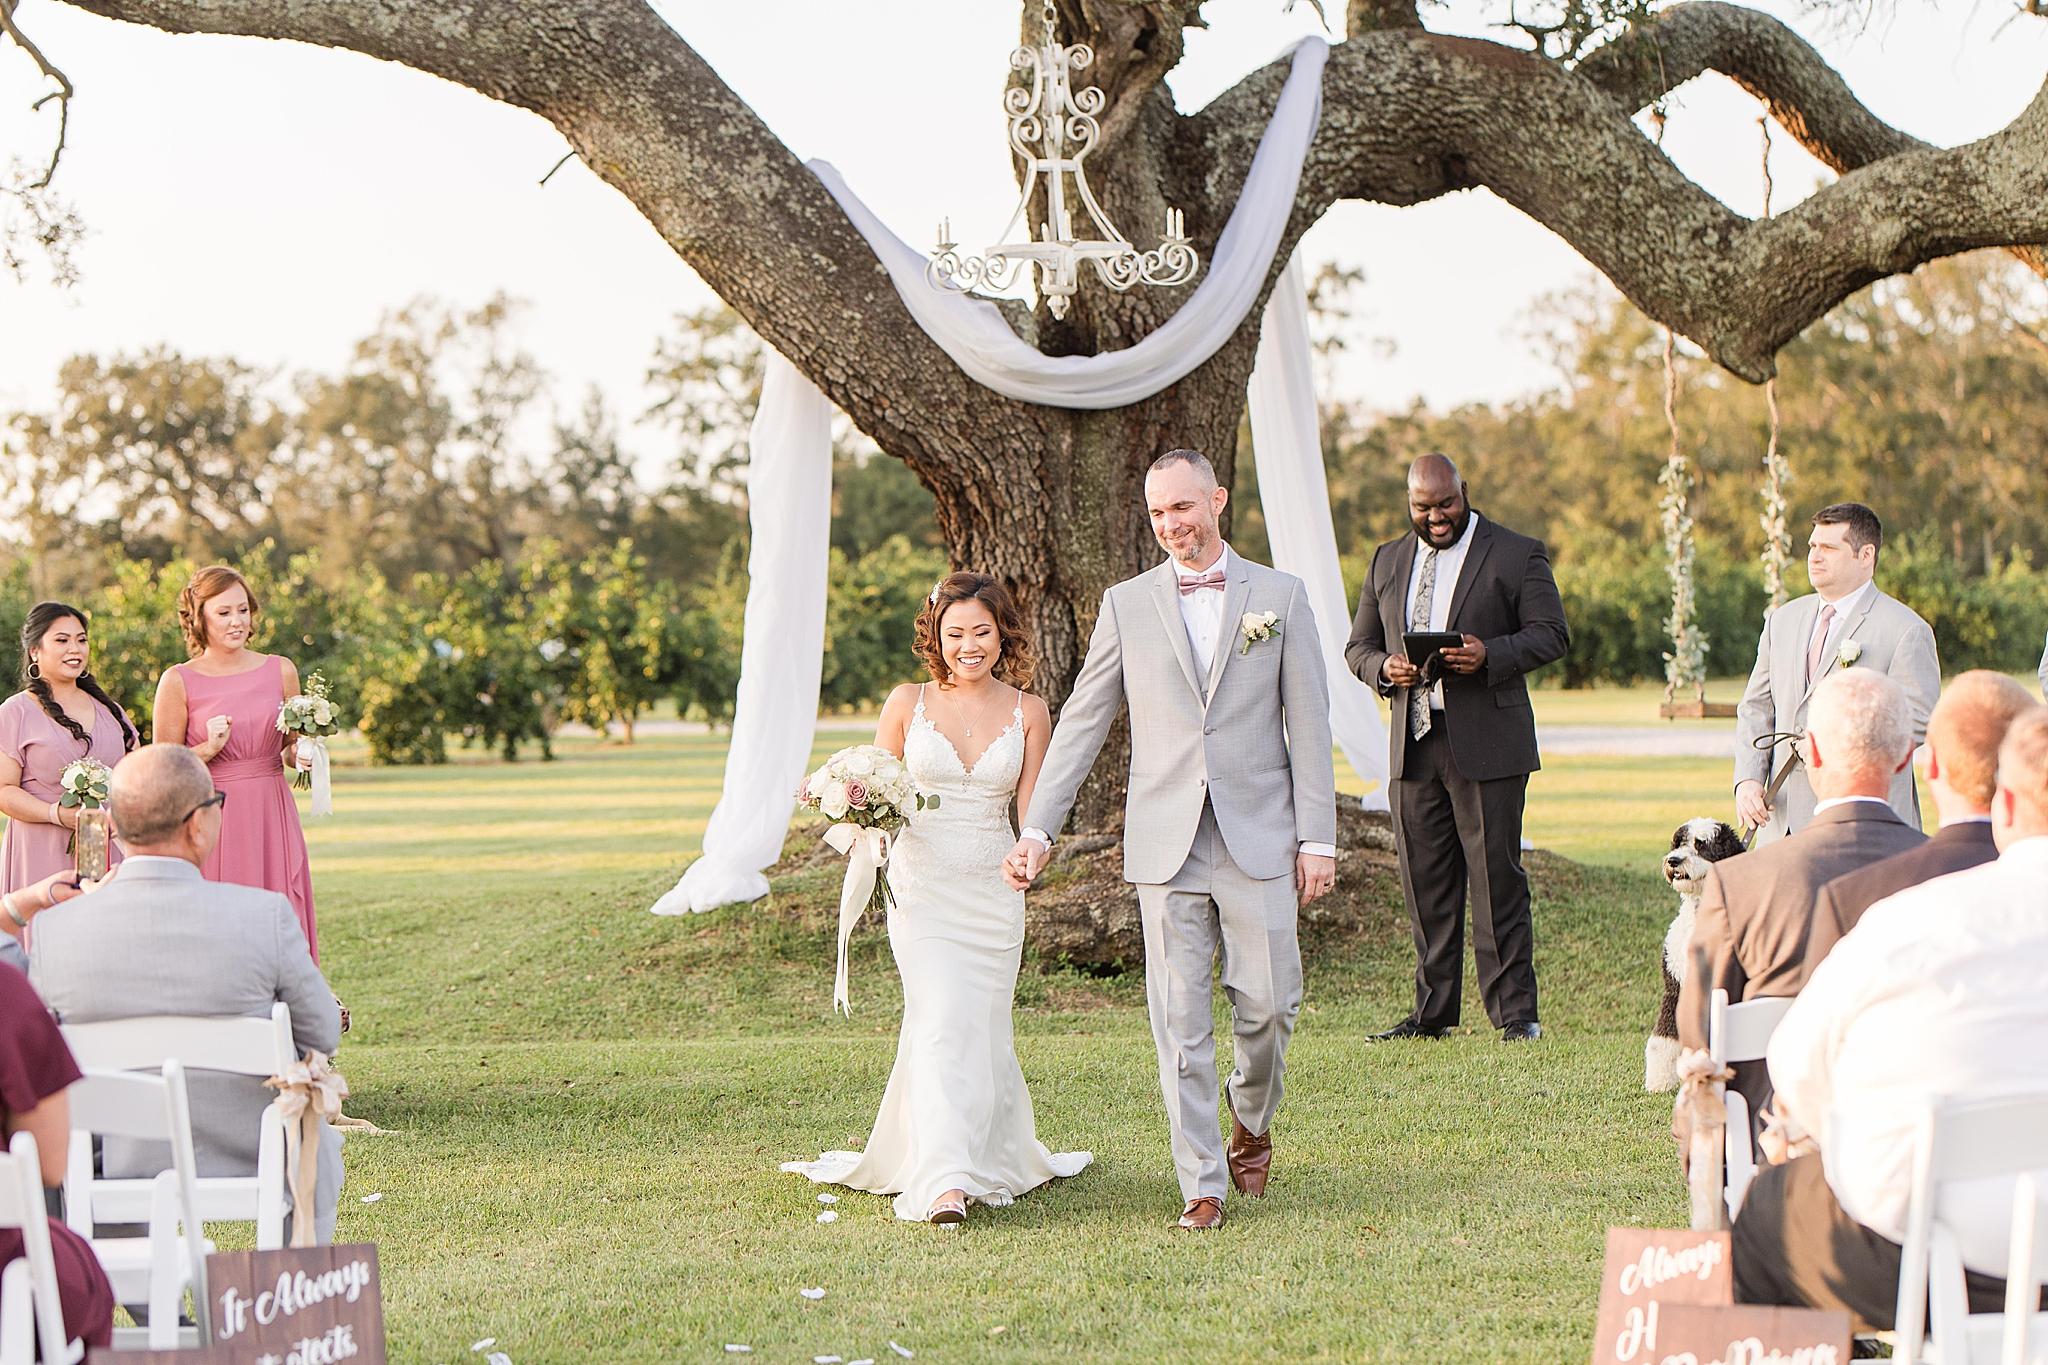 bride and groom walk up aisle at Orchard at Hayes Farm